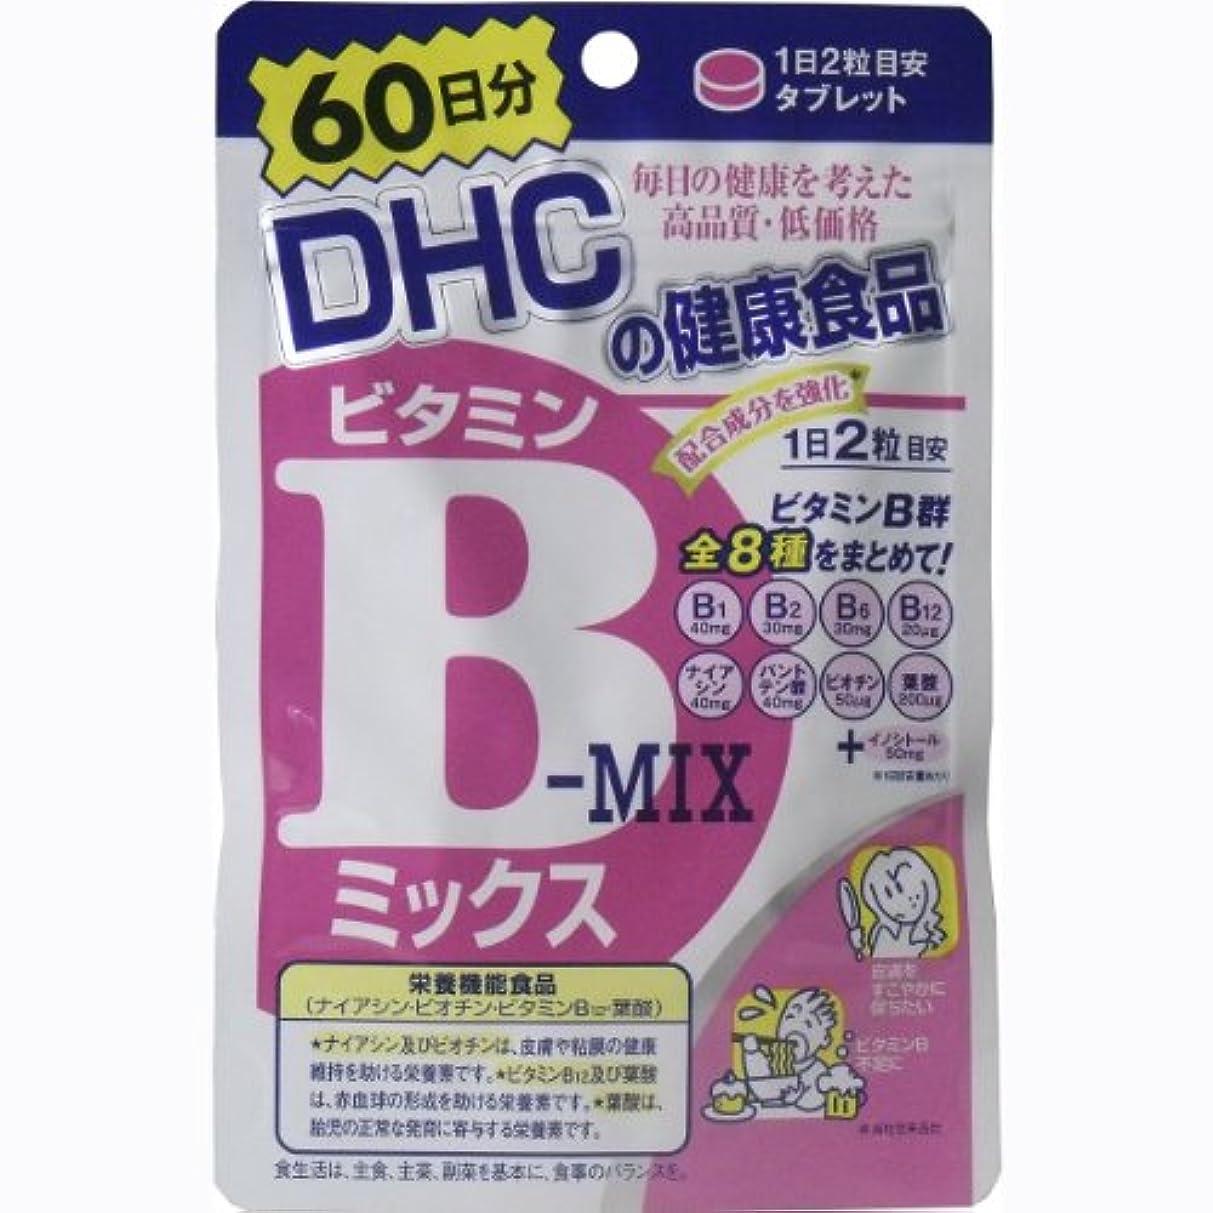 ボトルネック完璧な背の高いDHC ビタミンBミックス 120粒 60日分【4個セット】